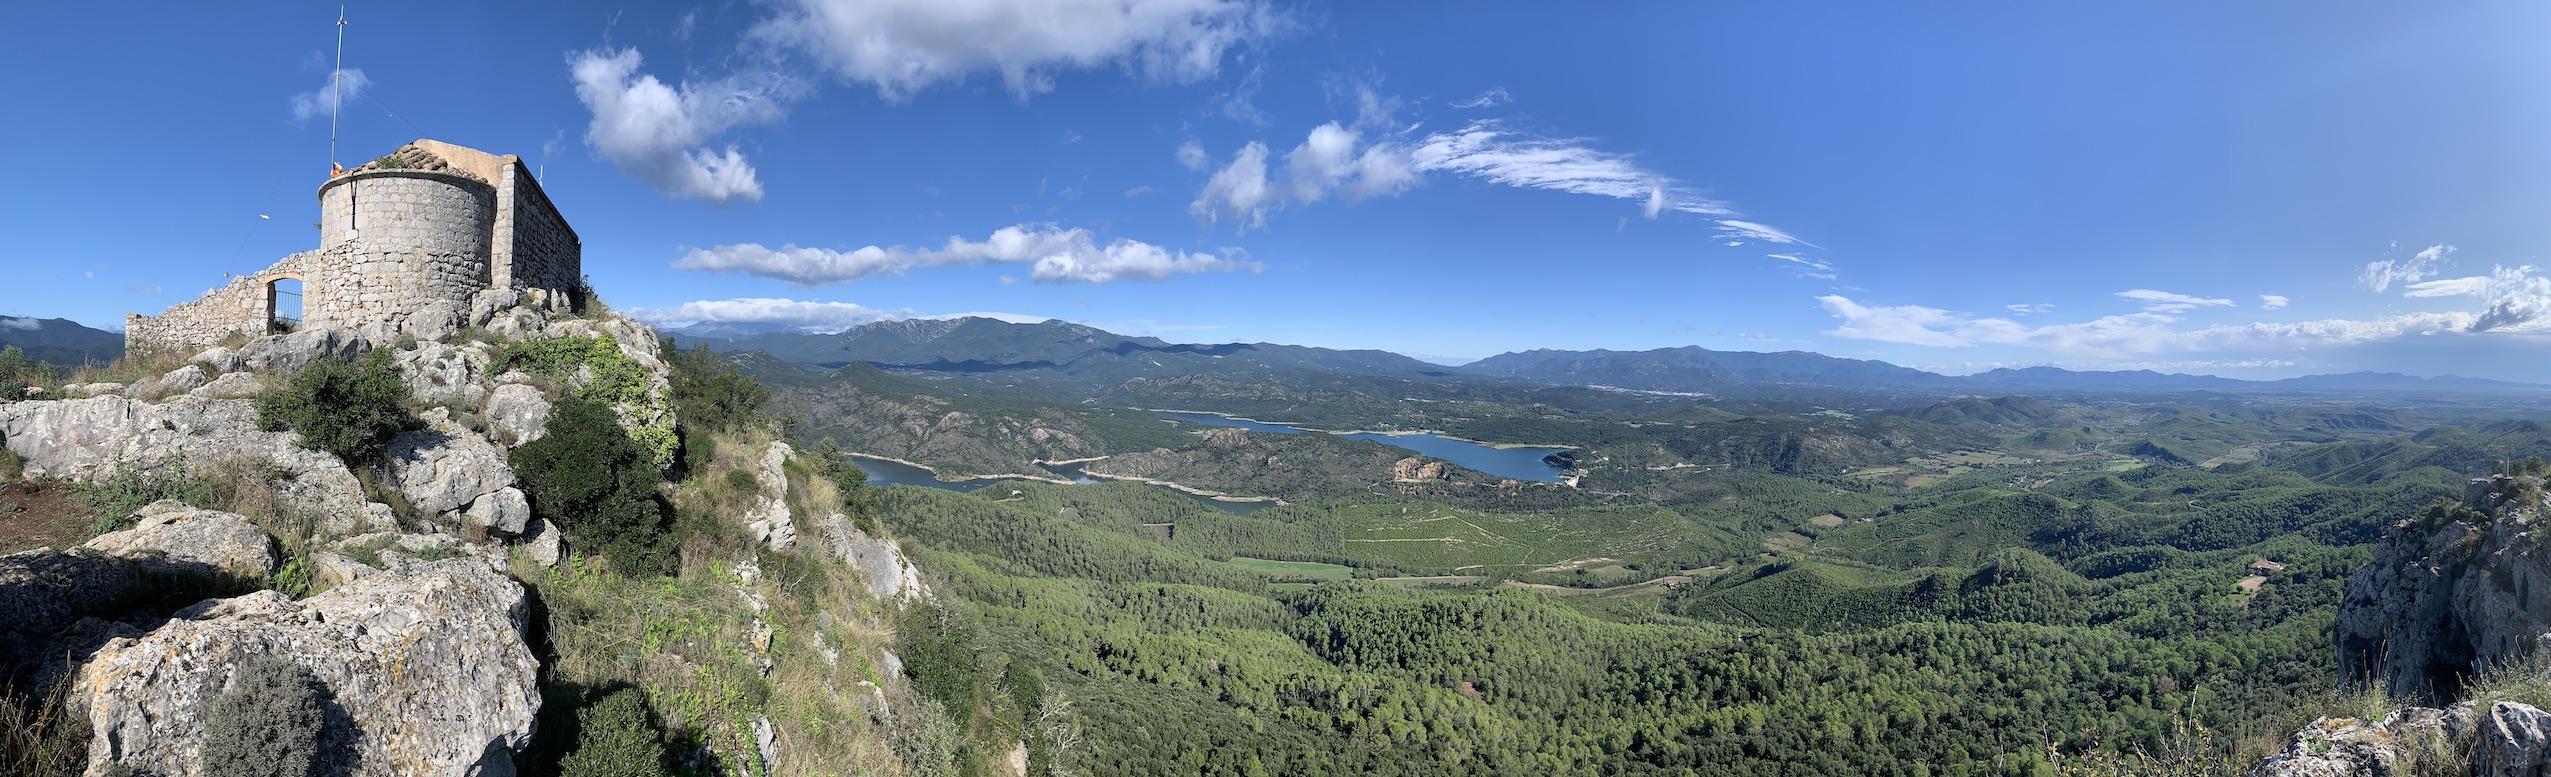 Montaña de Santa Magdalena